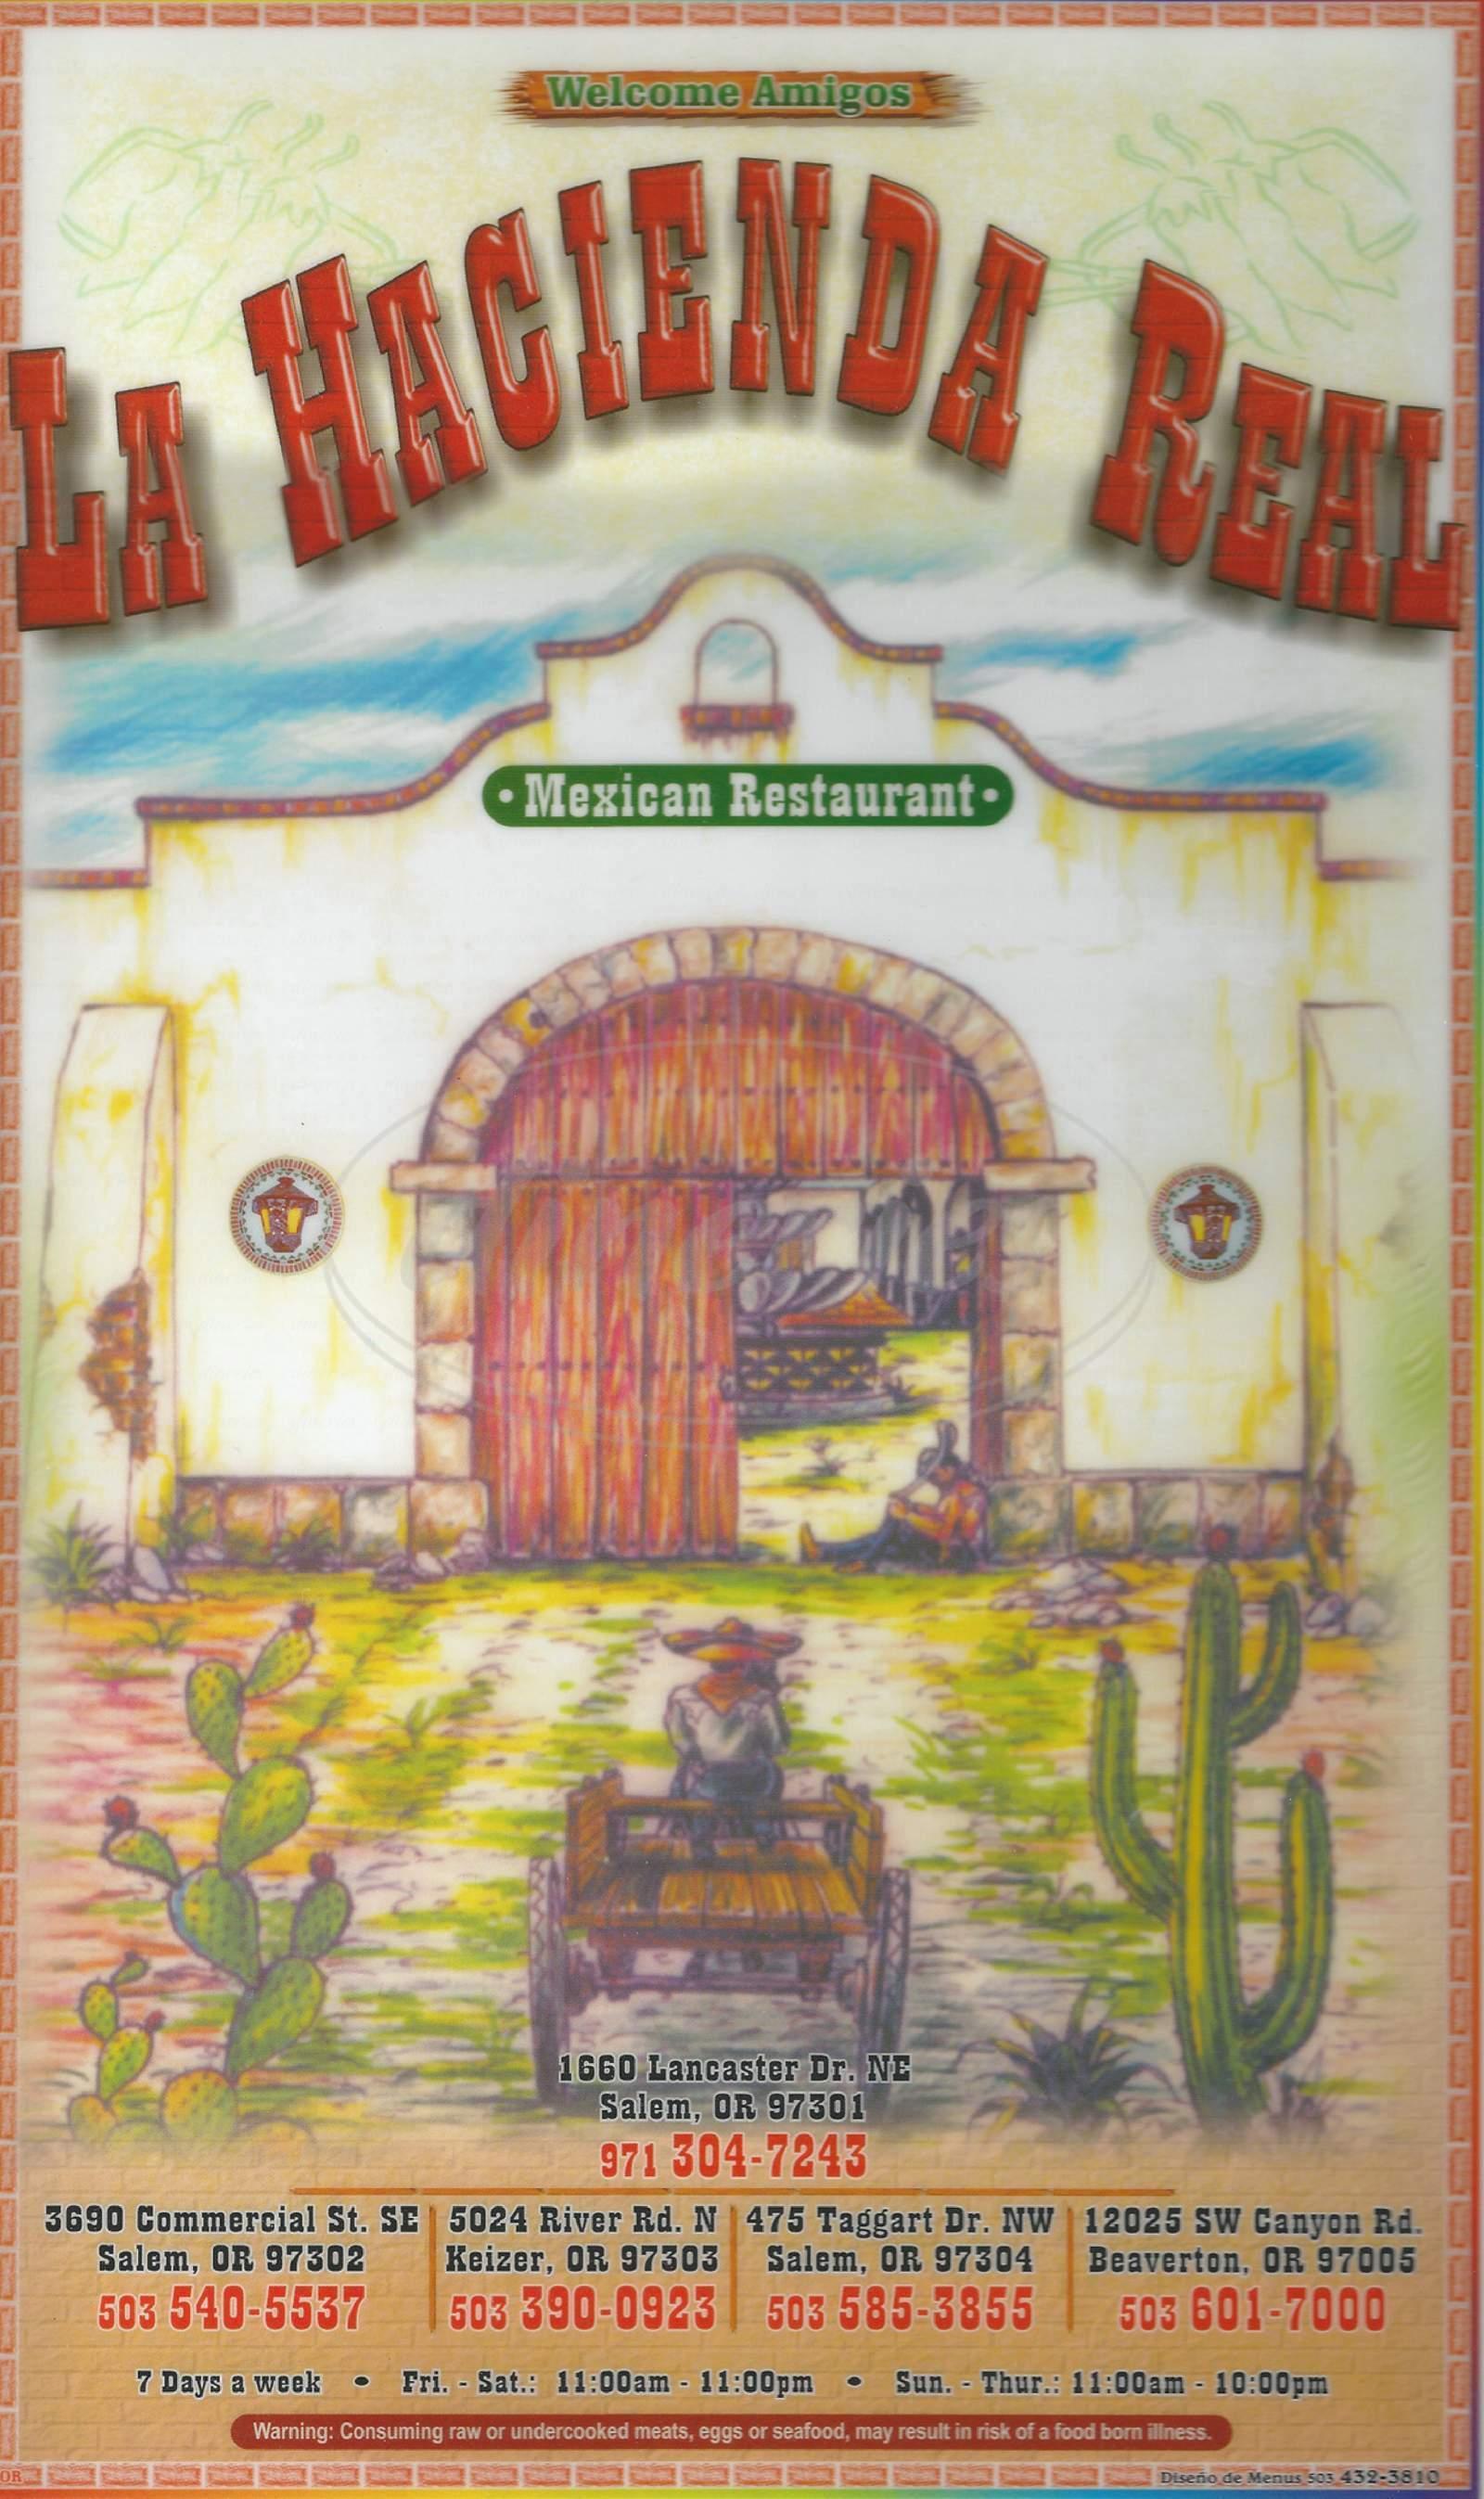 menu for La Hacienda Real